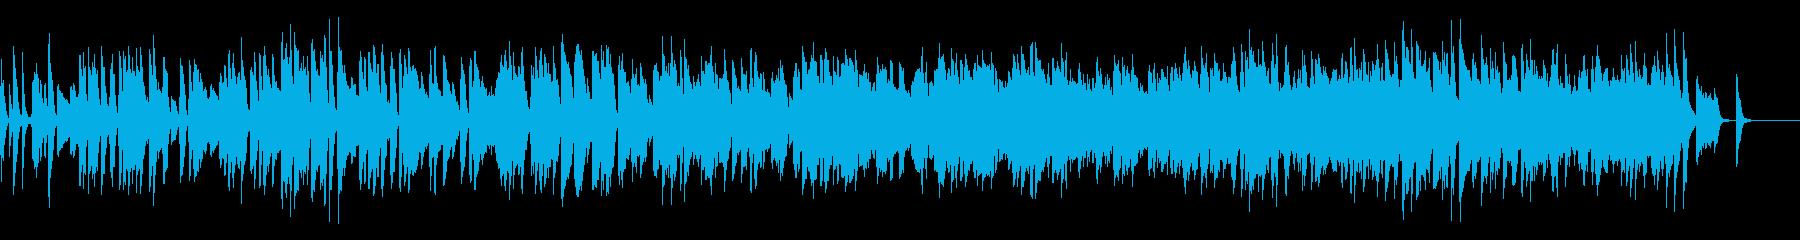 CM 2.昼 ティータイム ボサノバの再生済みの波形